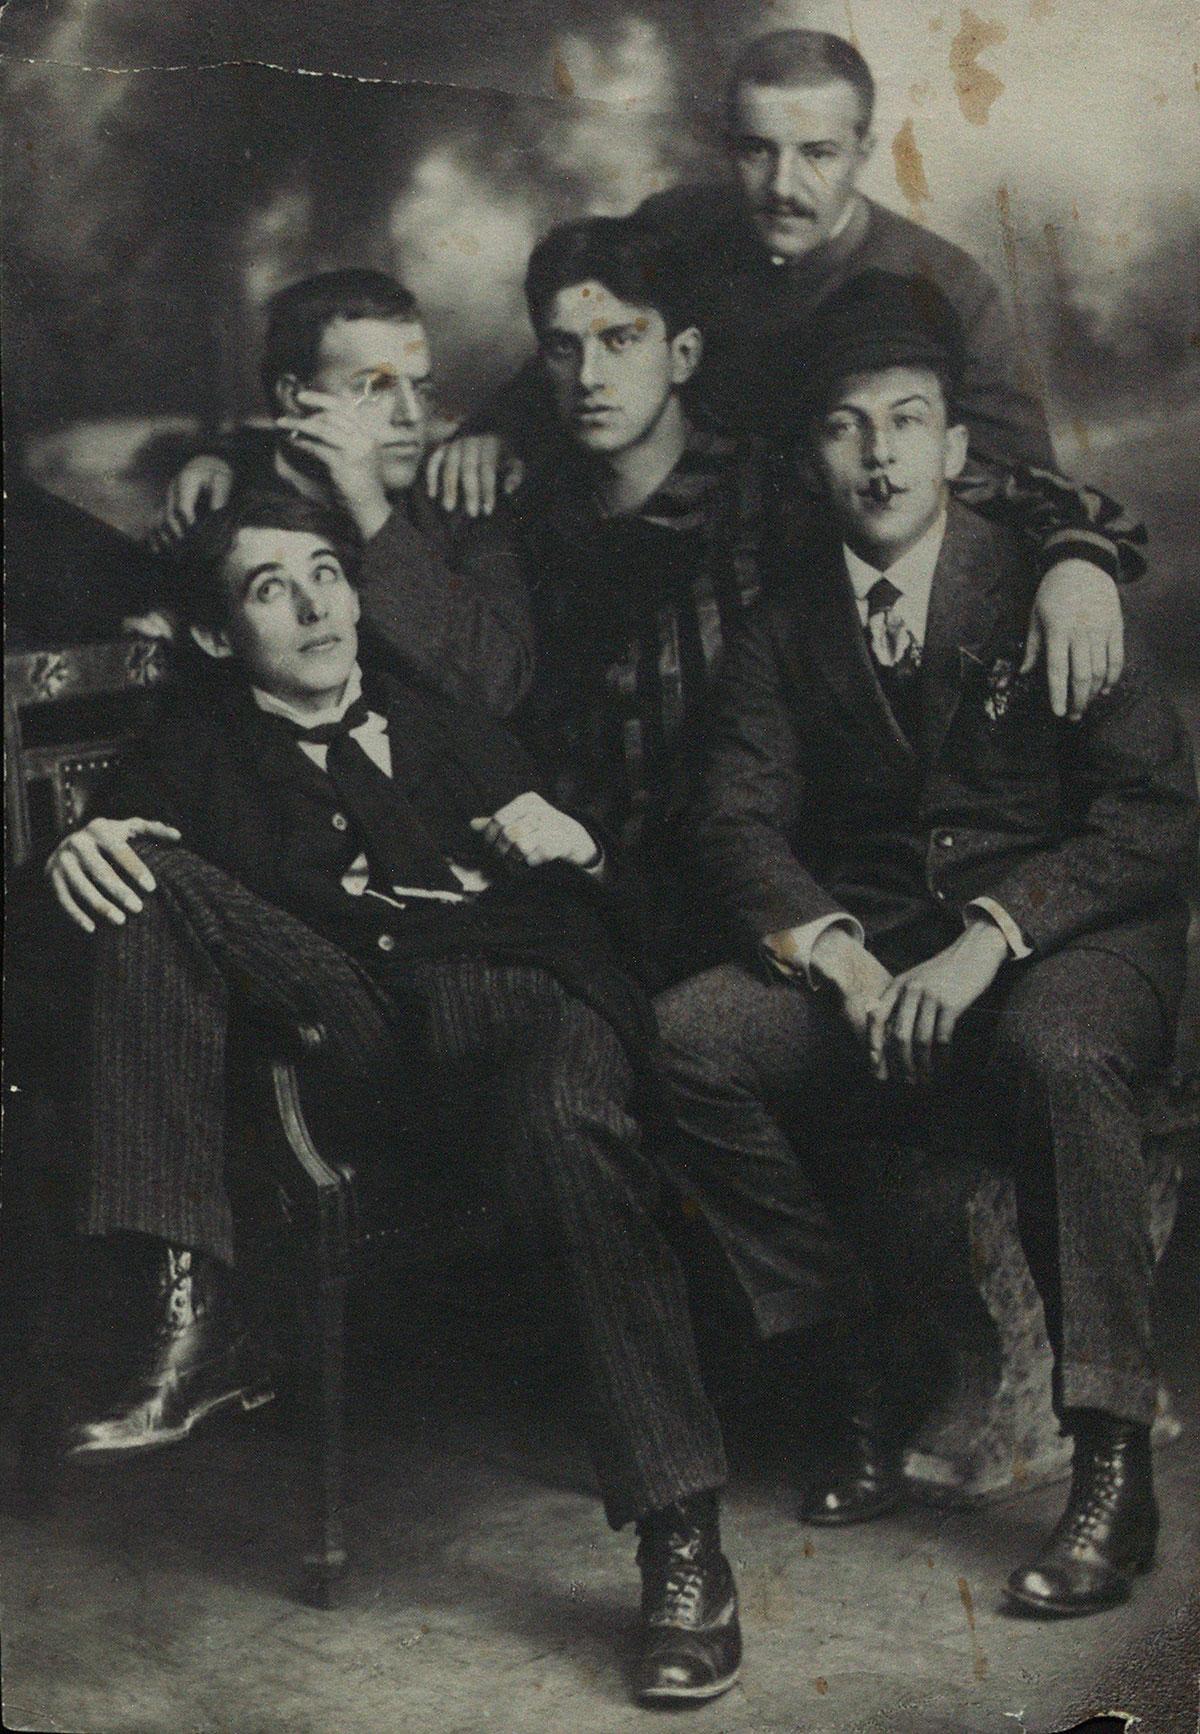 Маяковский с А.Е. Крученых, Д.Д. Бурлюком, Б.К. Лившицем и Н.Д. Бурлюком. Москва. 1913